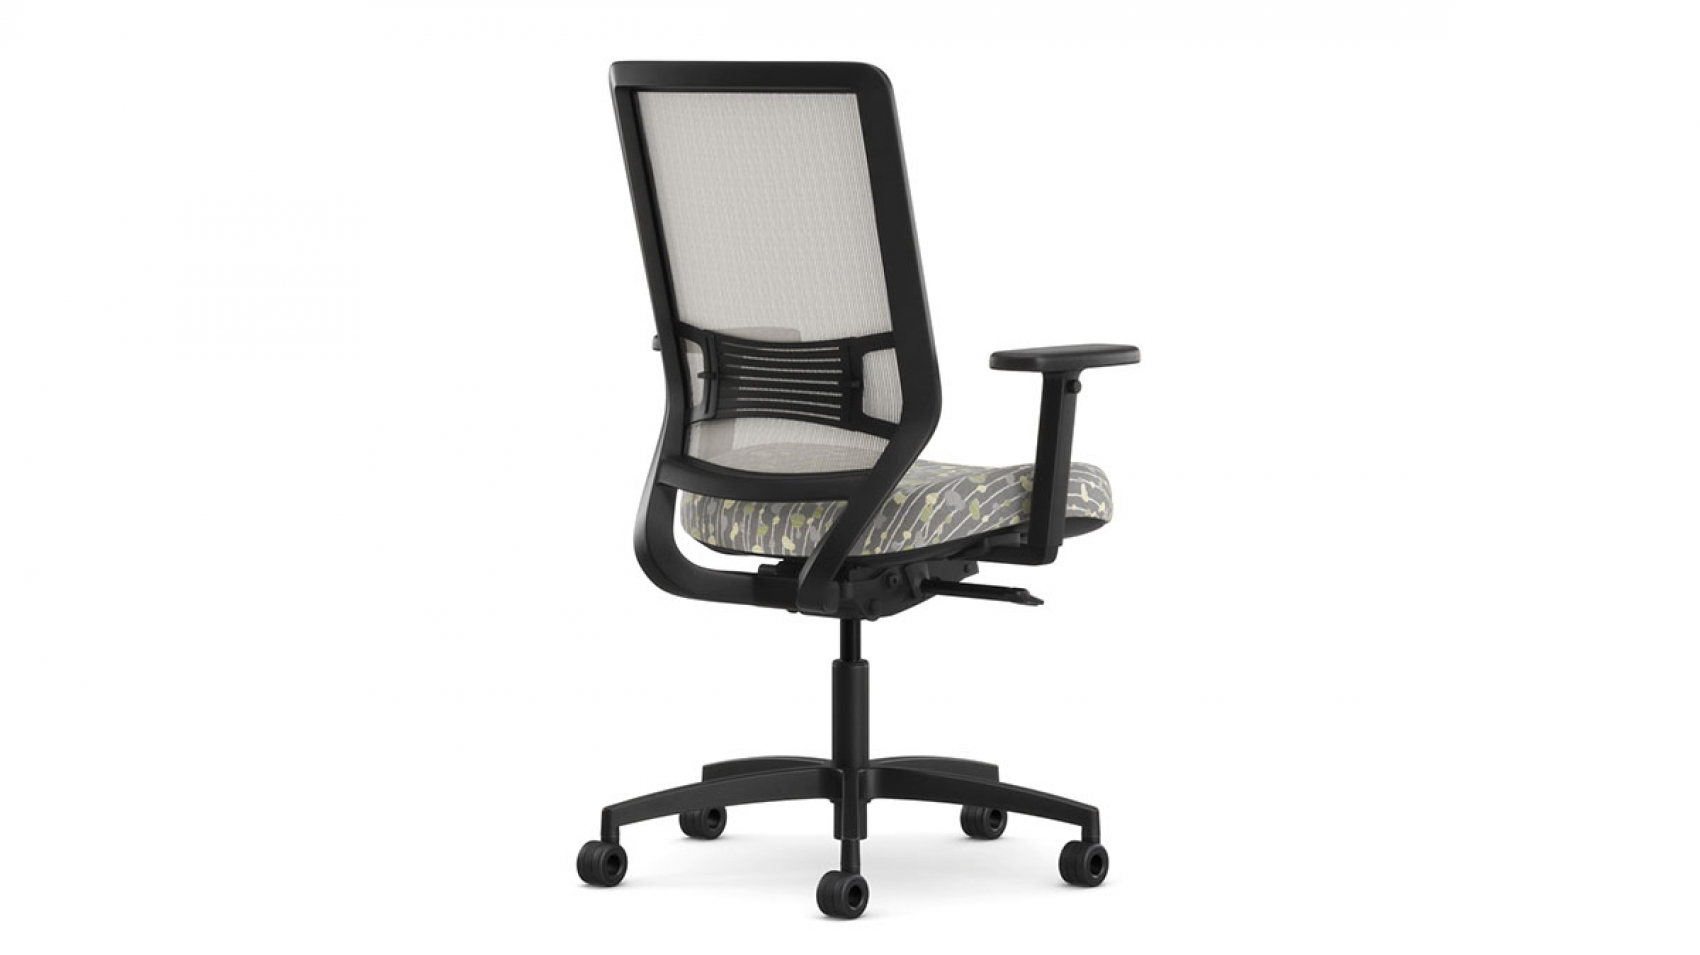 Genus Task Chair by OFS